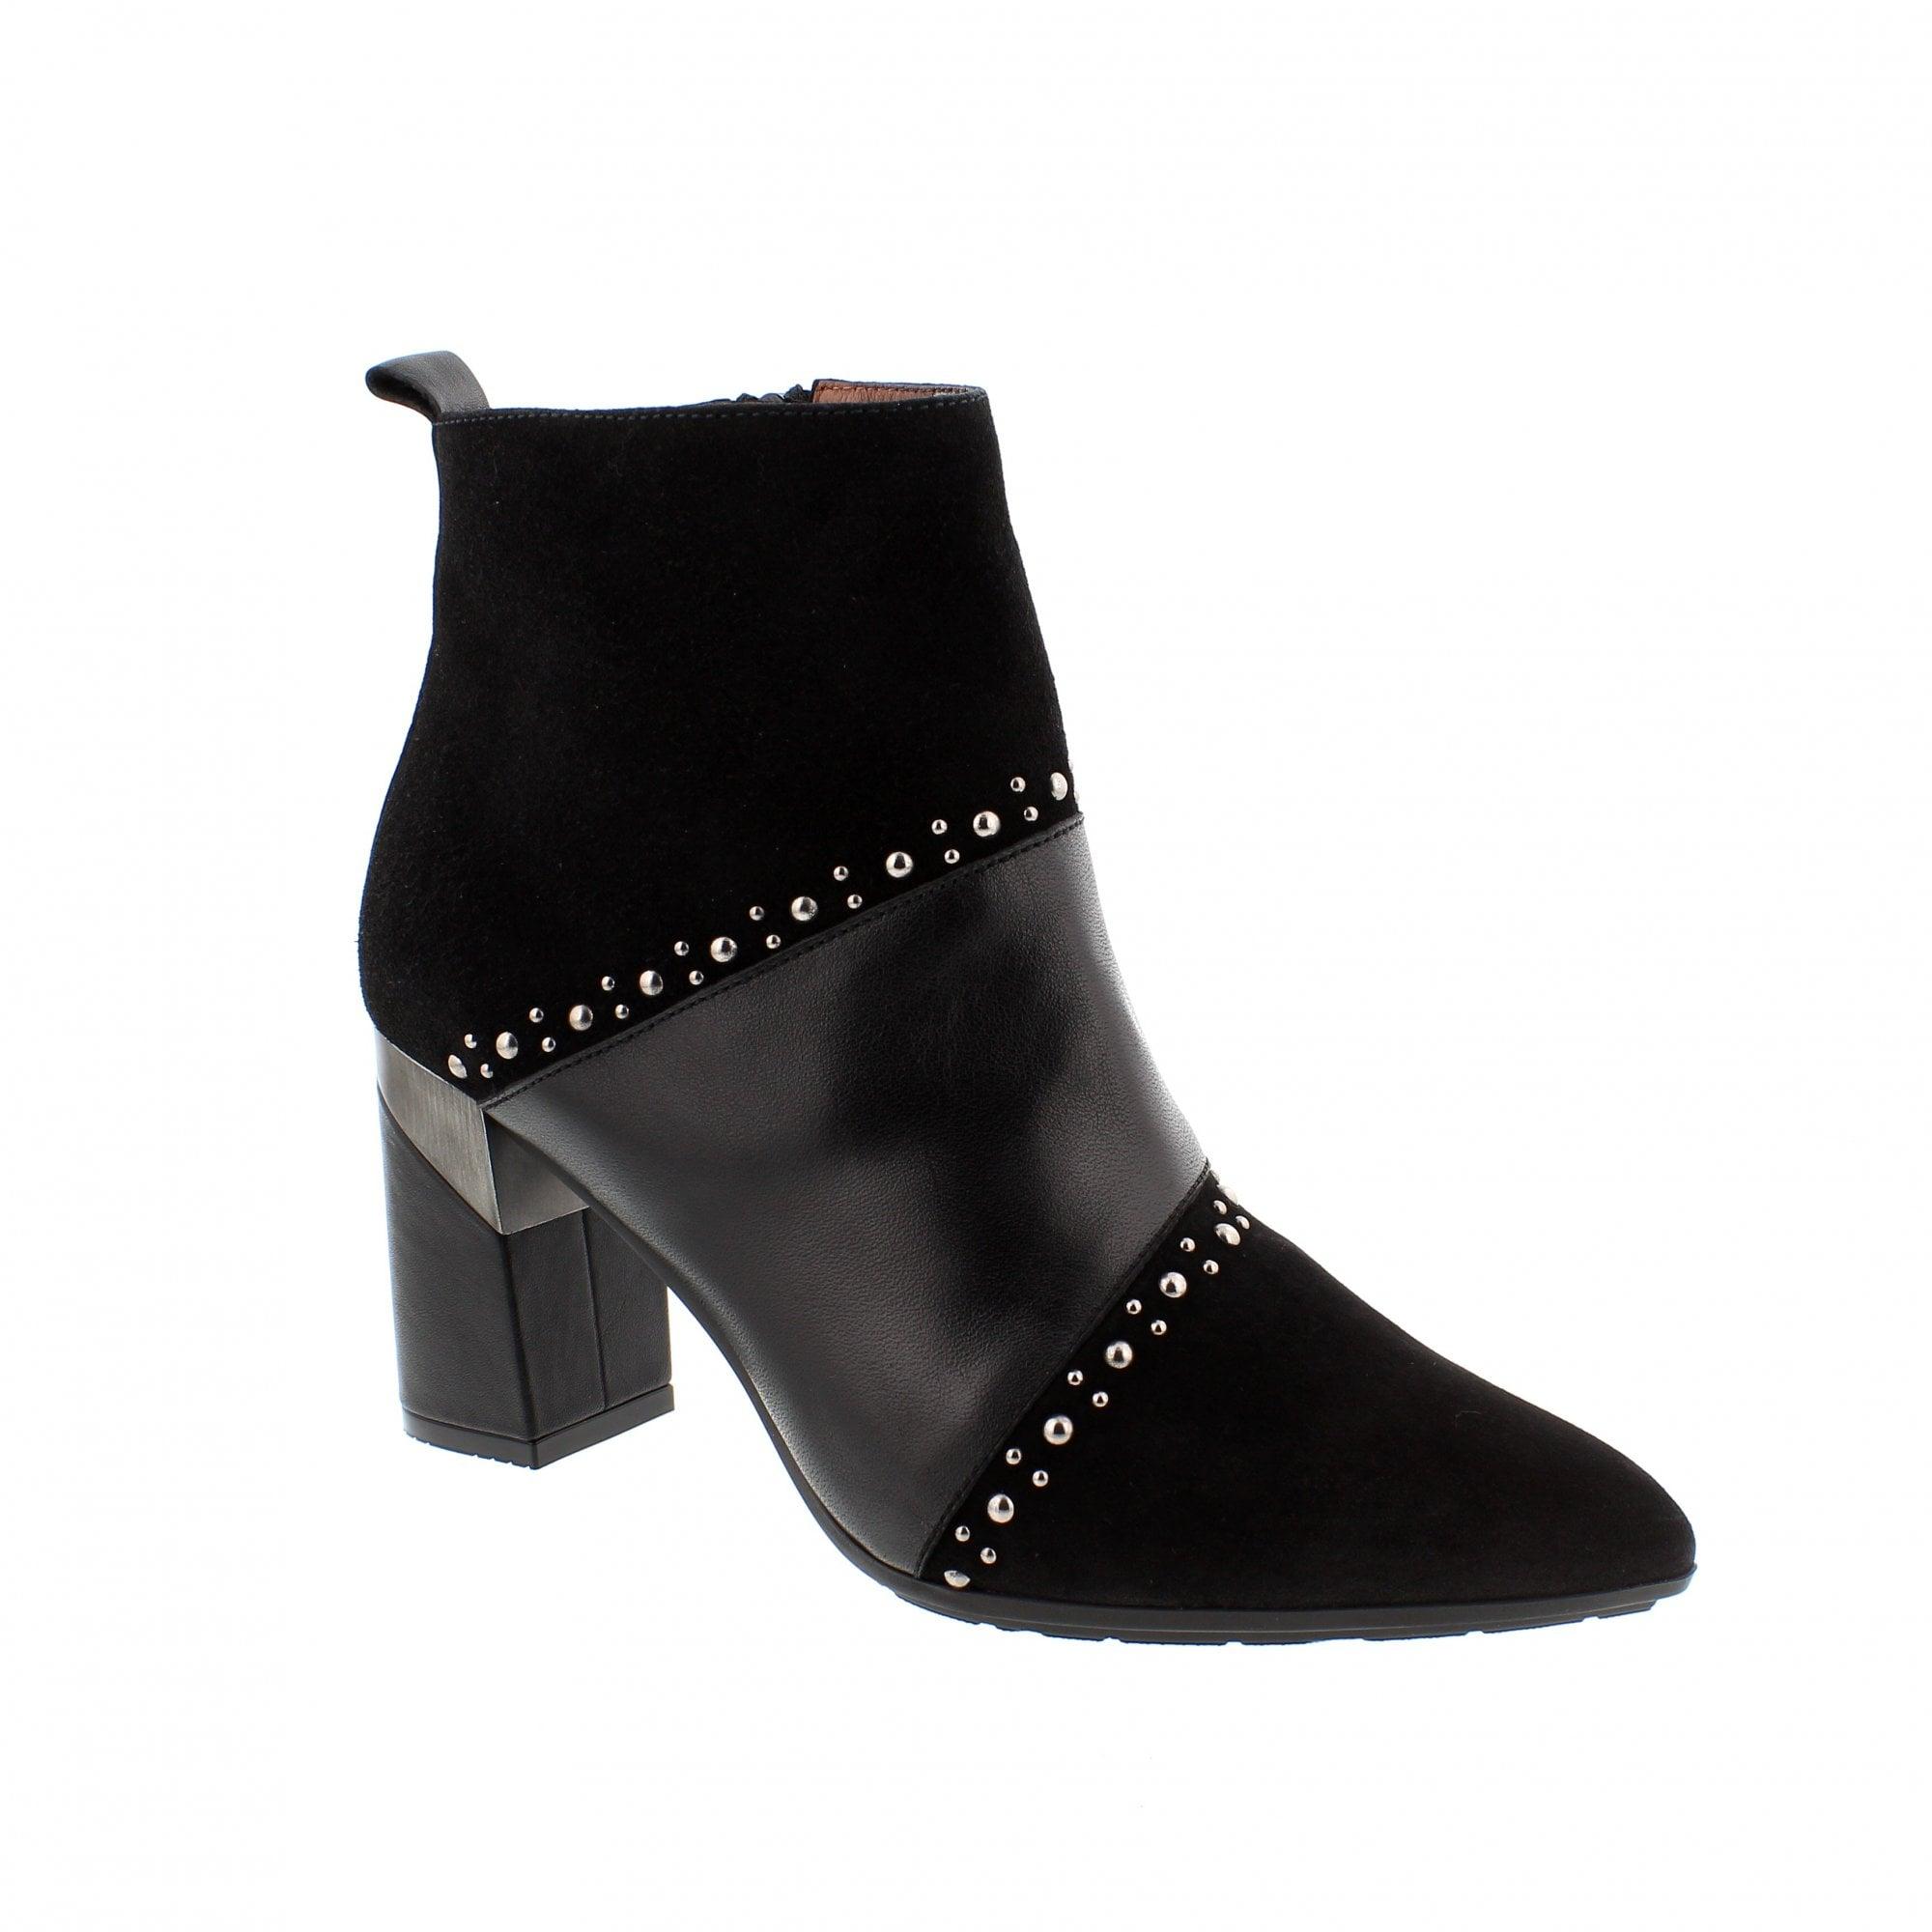 8127c3fd84ac7f Hispanitas Lino 87587-V10 Womens Ankle Boots